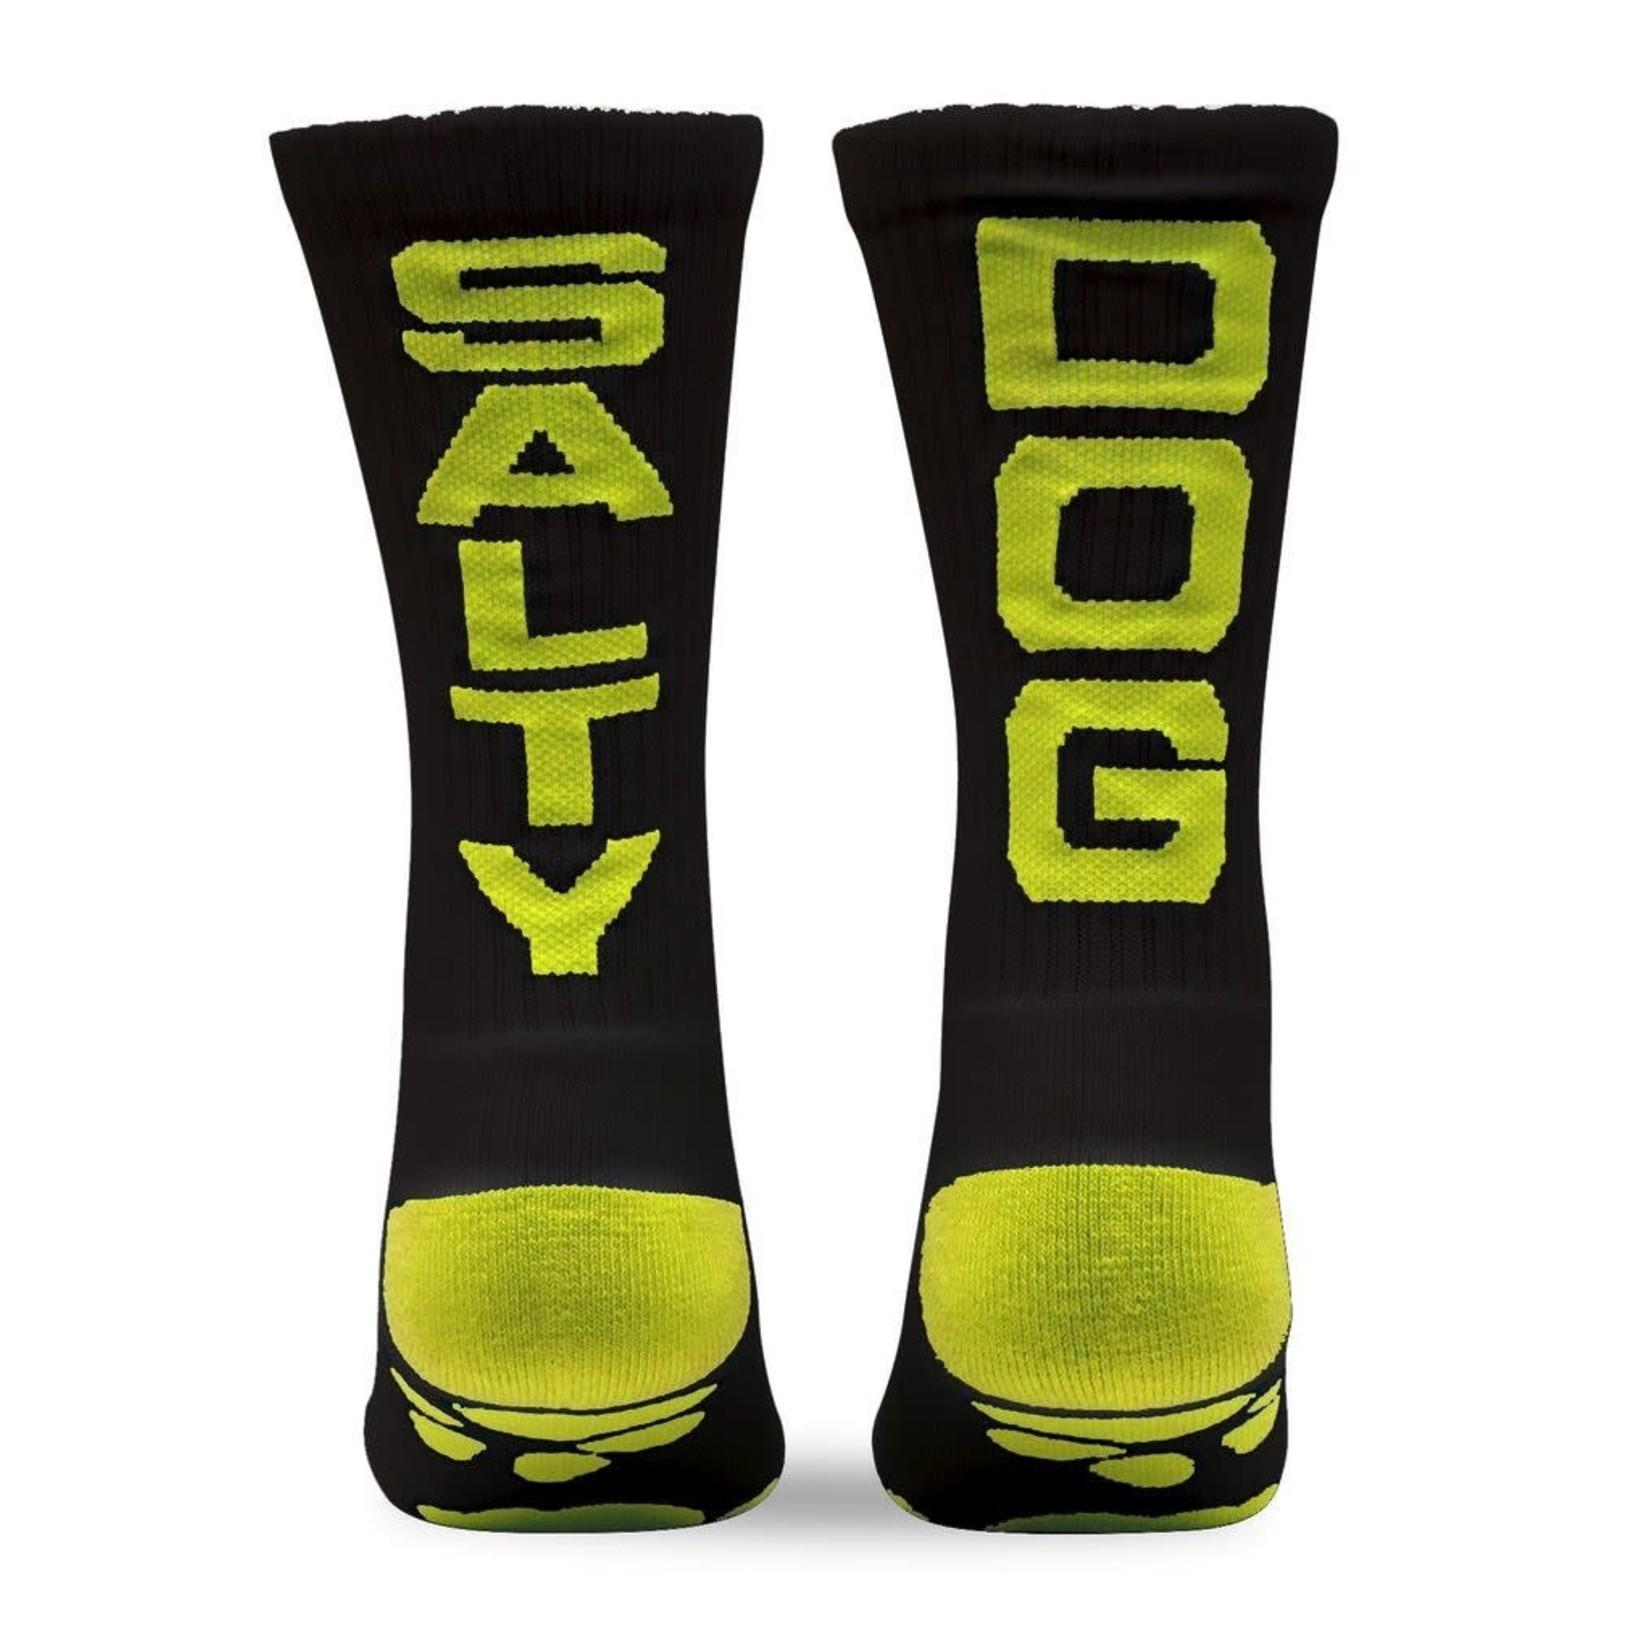 Youth Socks-Salty Dog, BK/82, OSFA